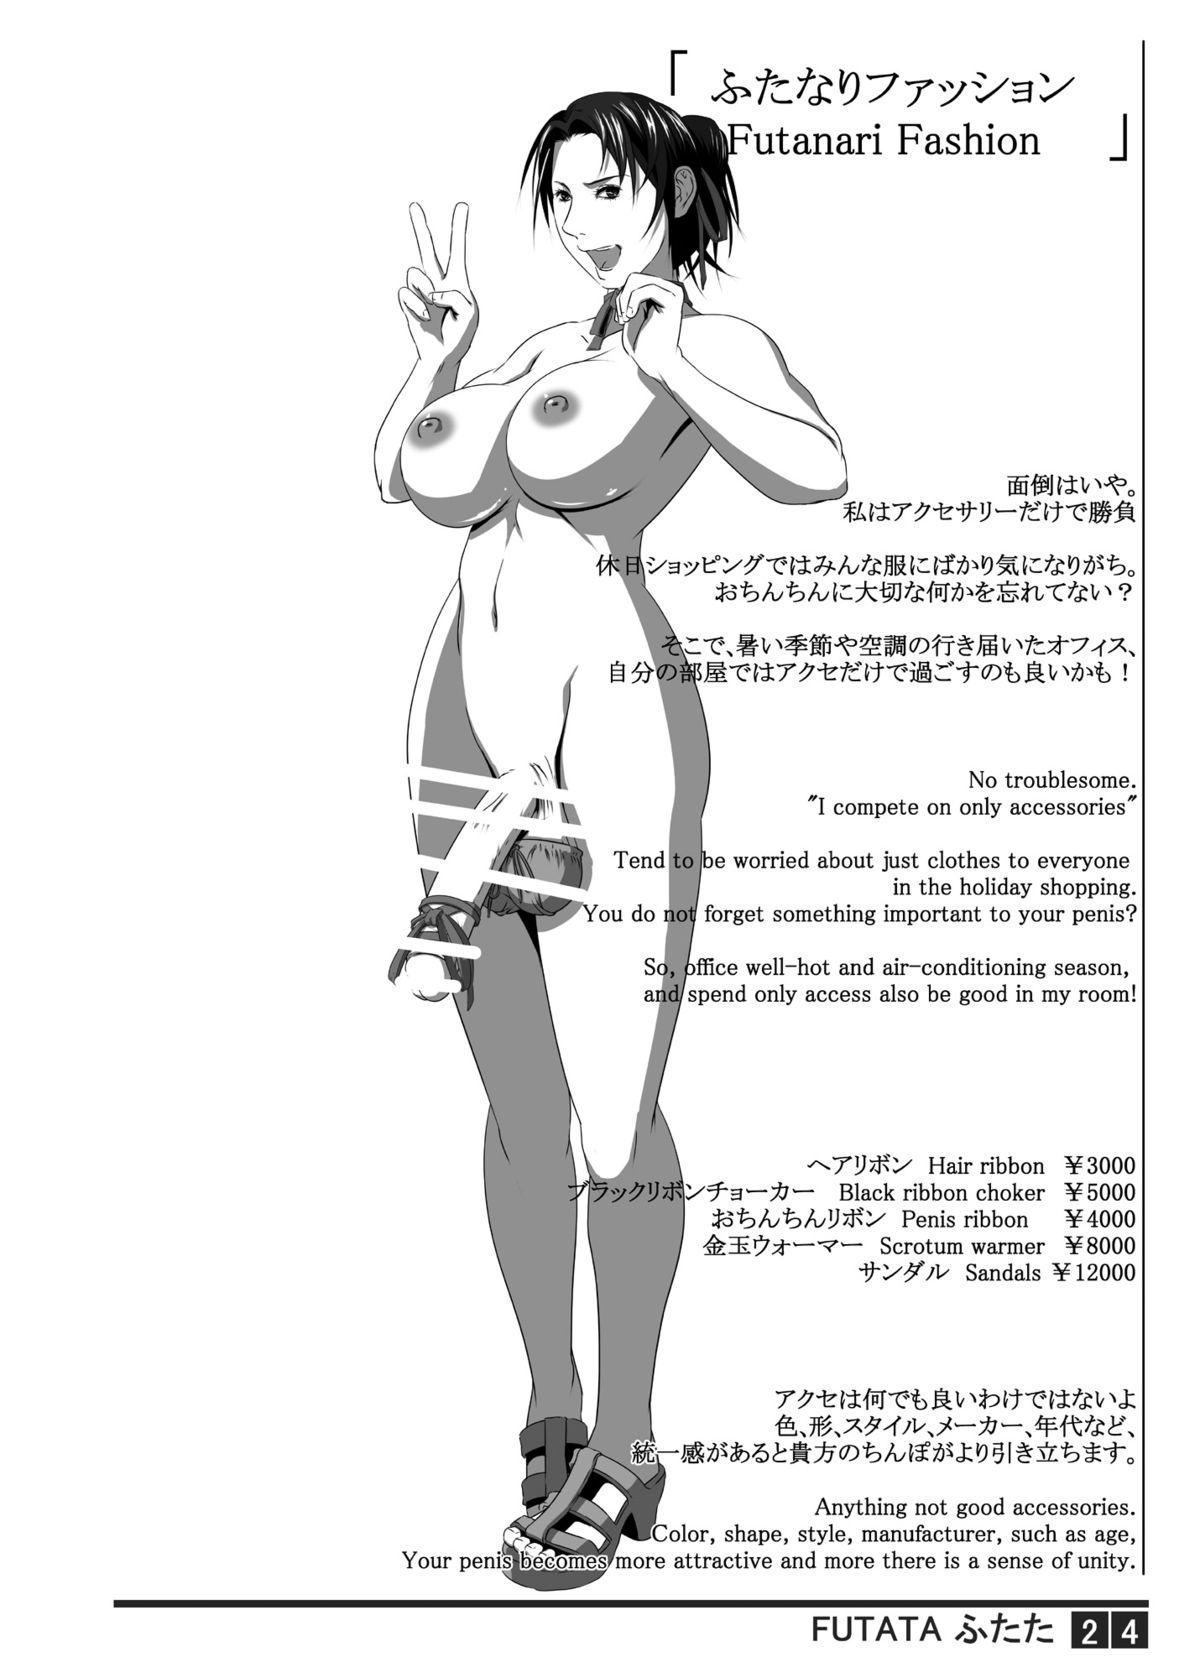 Futata 2gou 23